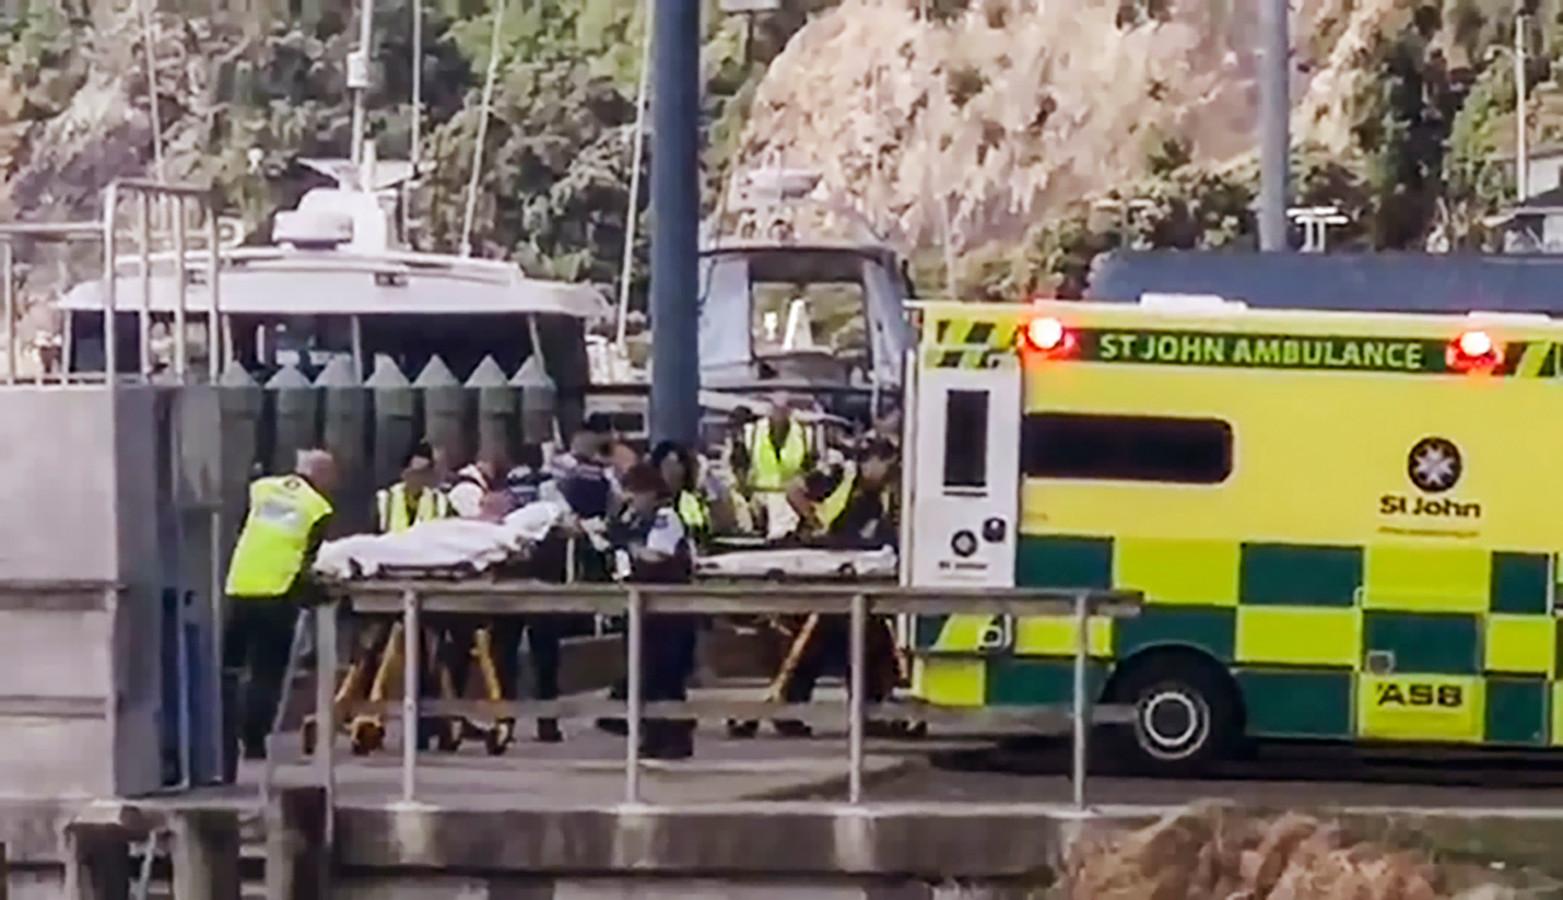 De eerste gewonden worden in een ambulance getild.